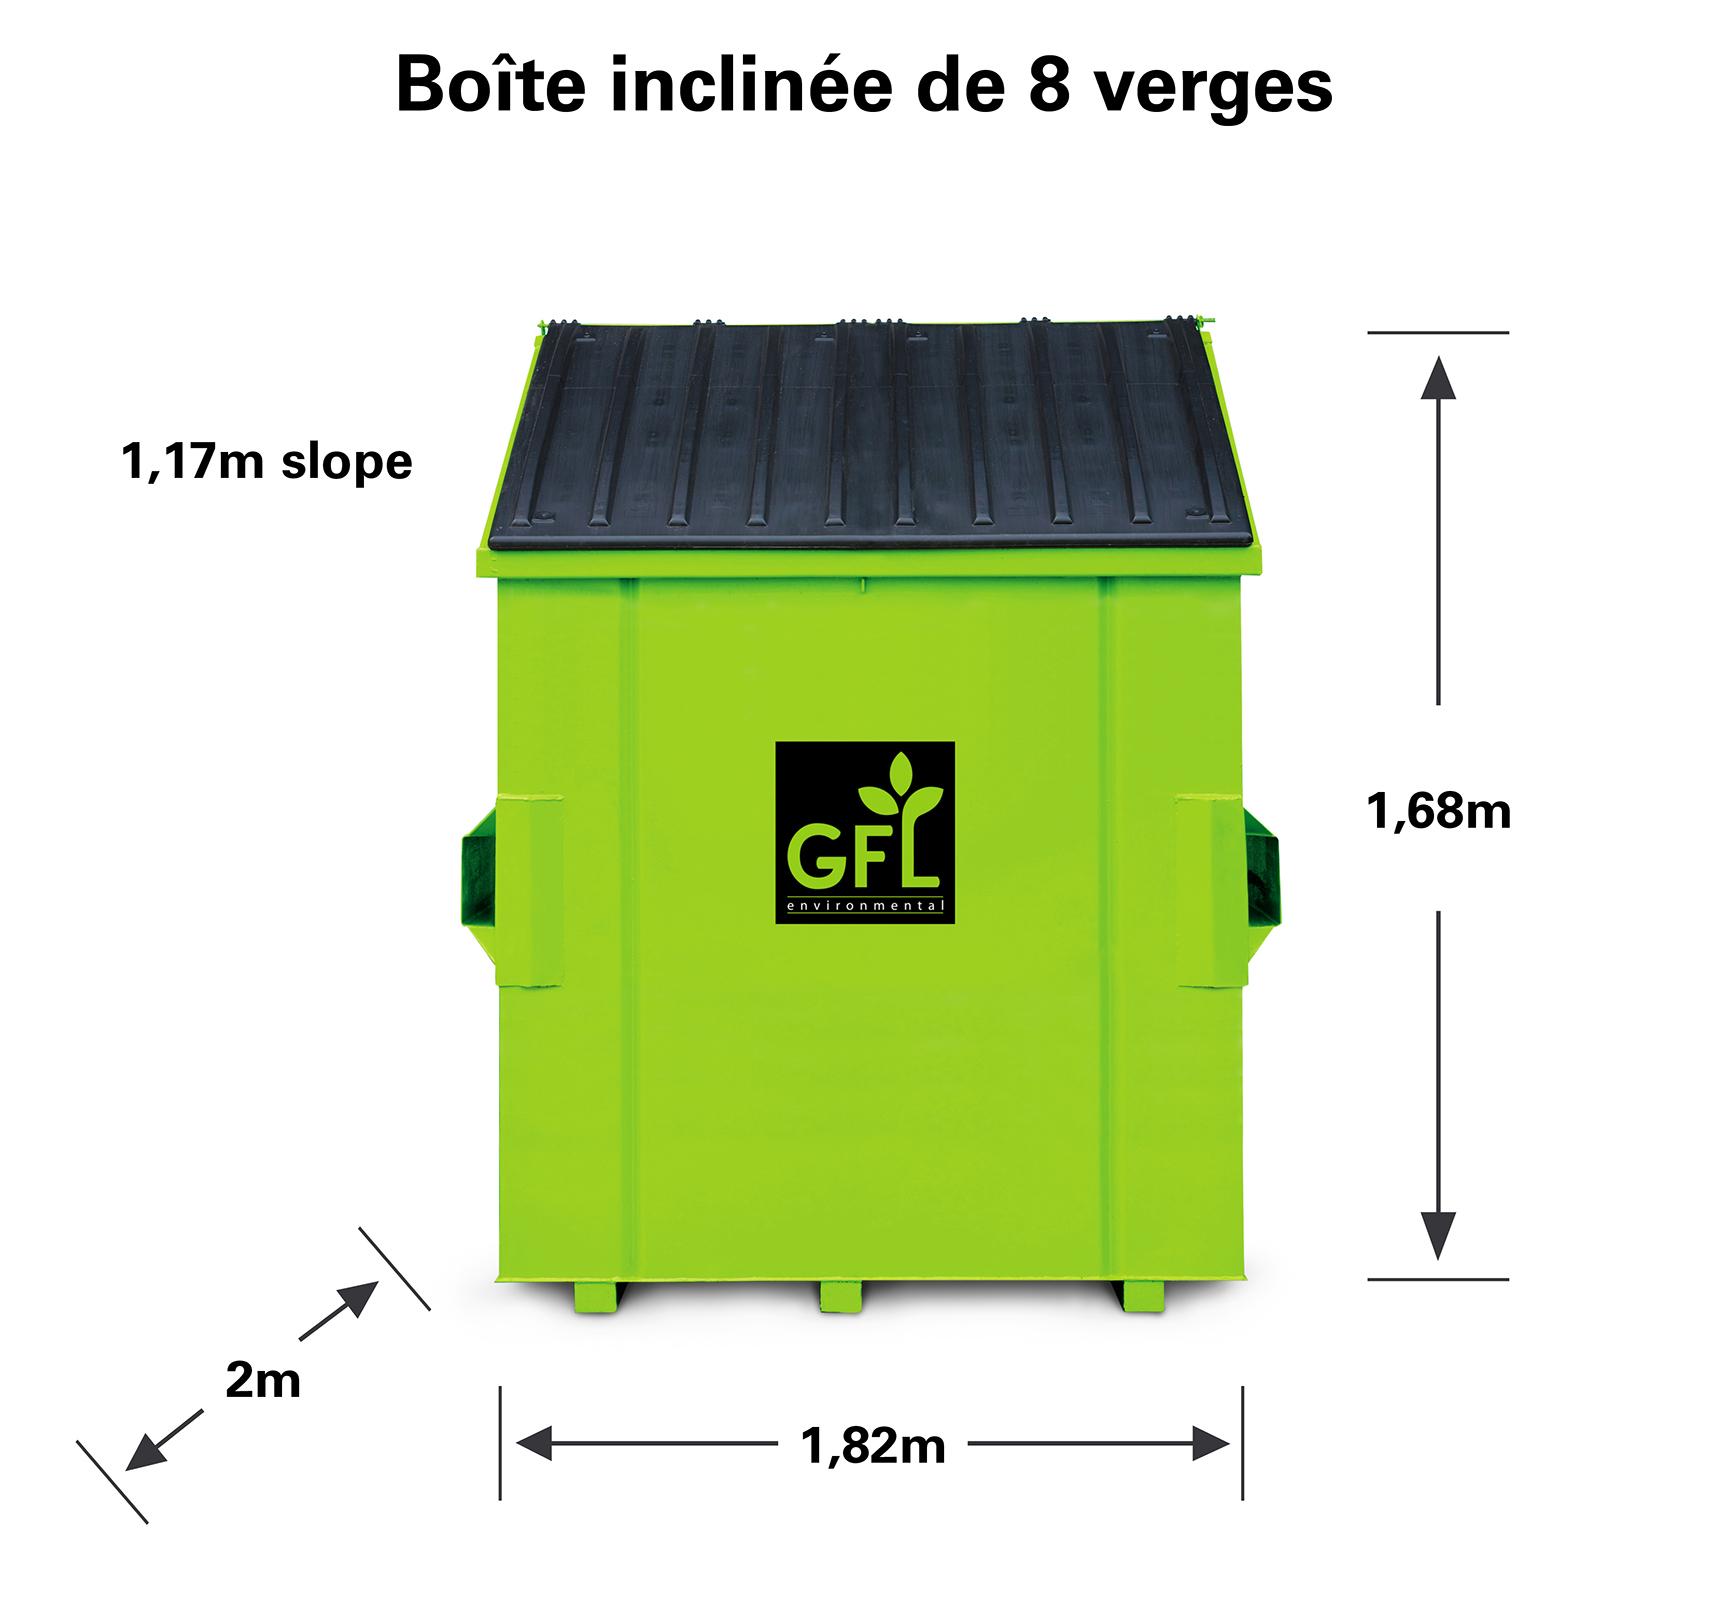 Boîte de recyclage à tête oblique de 8 verges